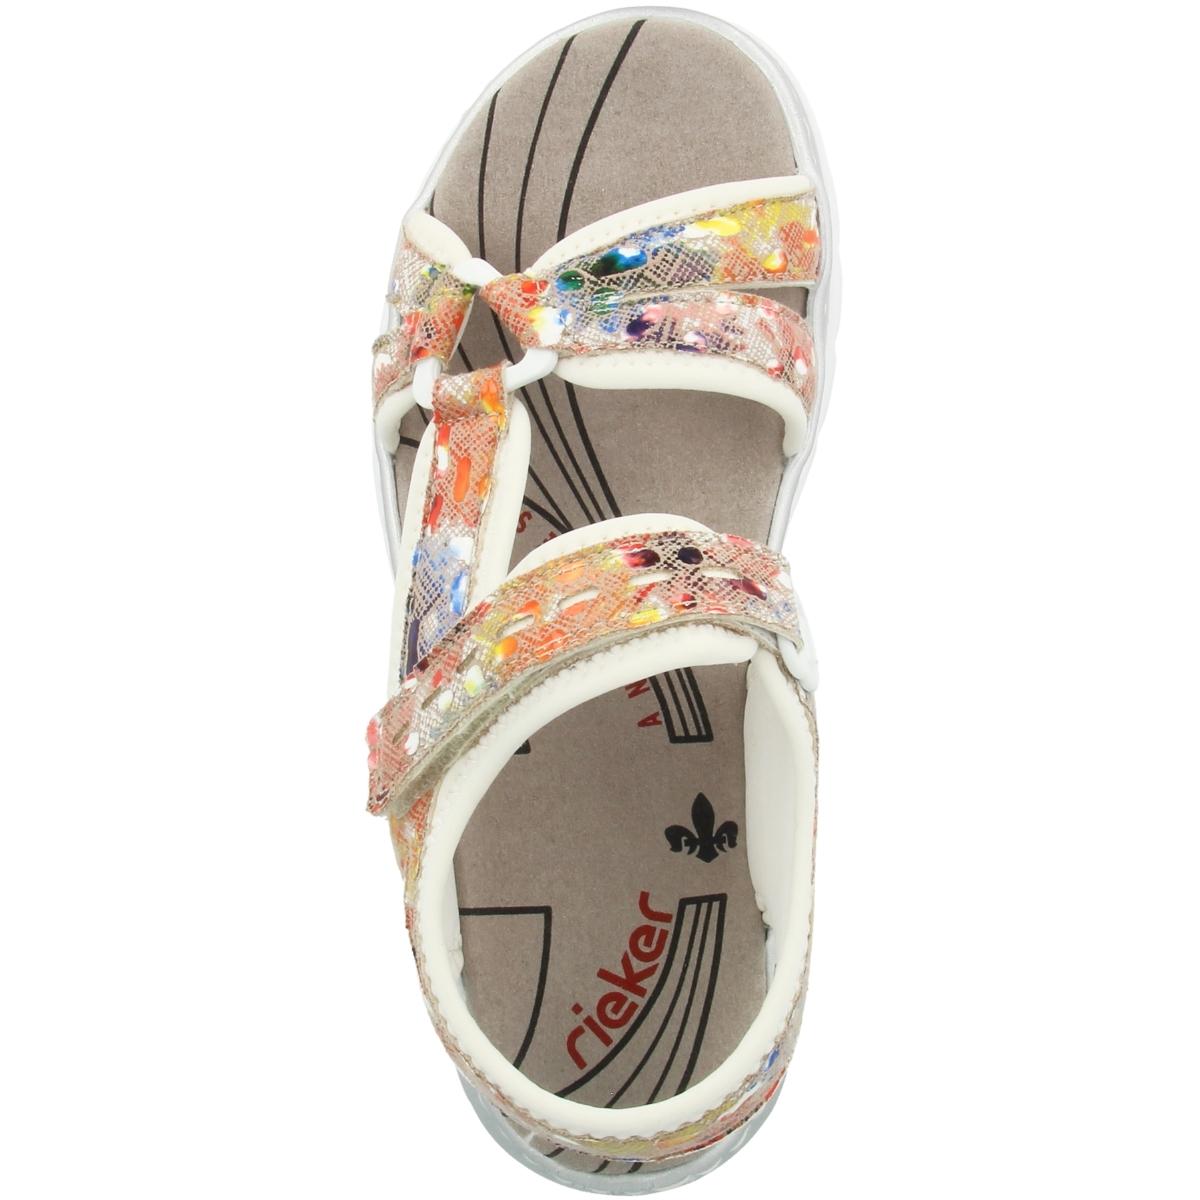 Details zu Rieker 66979 Damen Sandalen Antistress Sandaletten Riemen Pantoletten Slipper